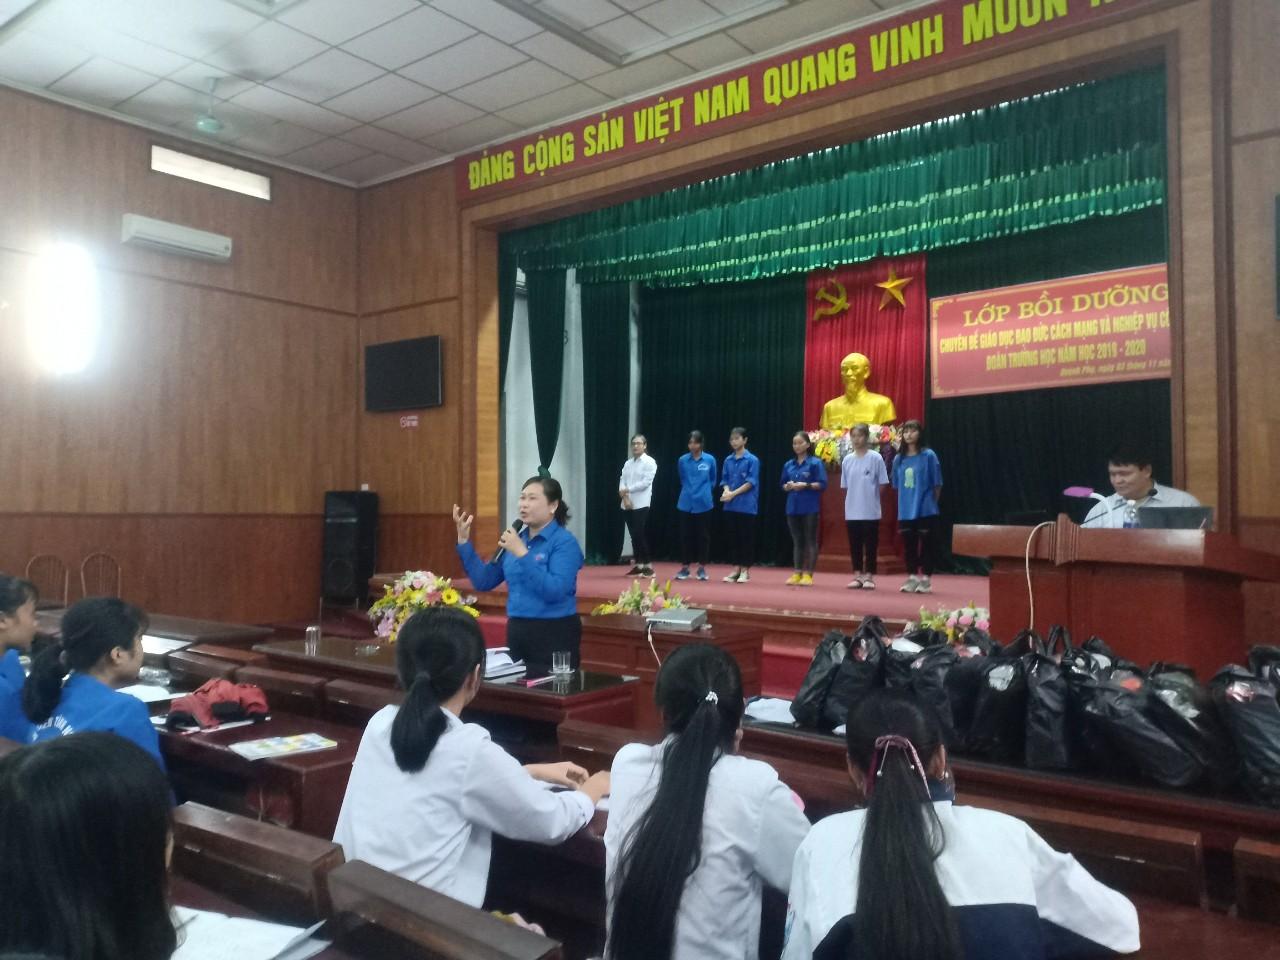 Quỳnh Phụ: Chuyên đề giáo dục đạo đức cách mạng và tập huấn nghiệp vụ công tác Đoàn trường học năm học 2019- 2020.